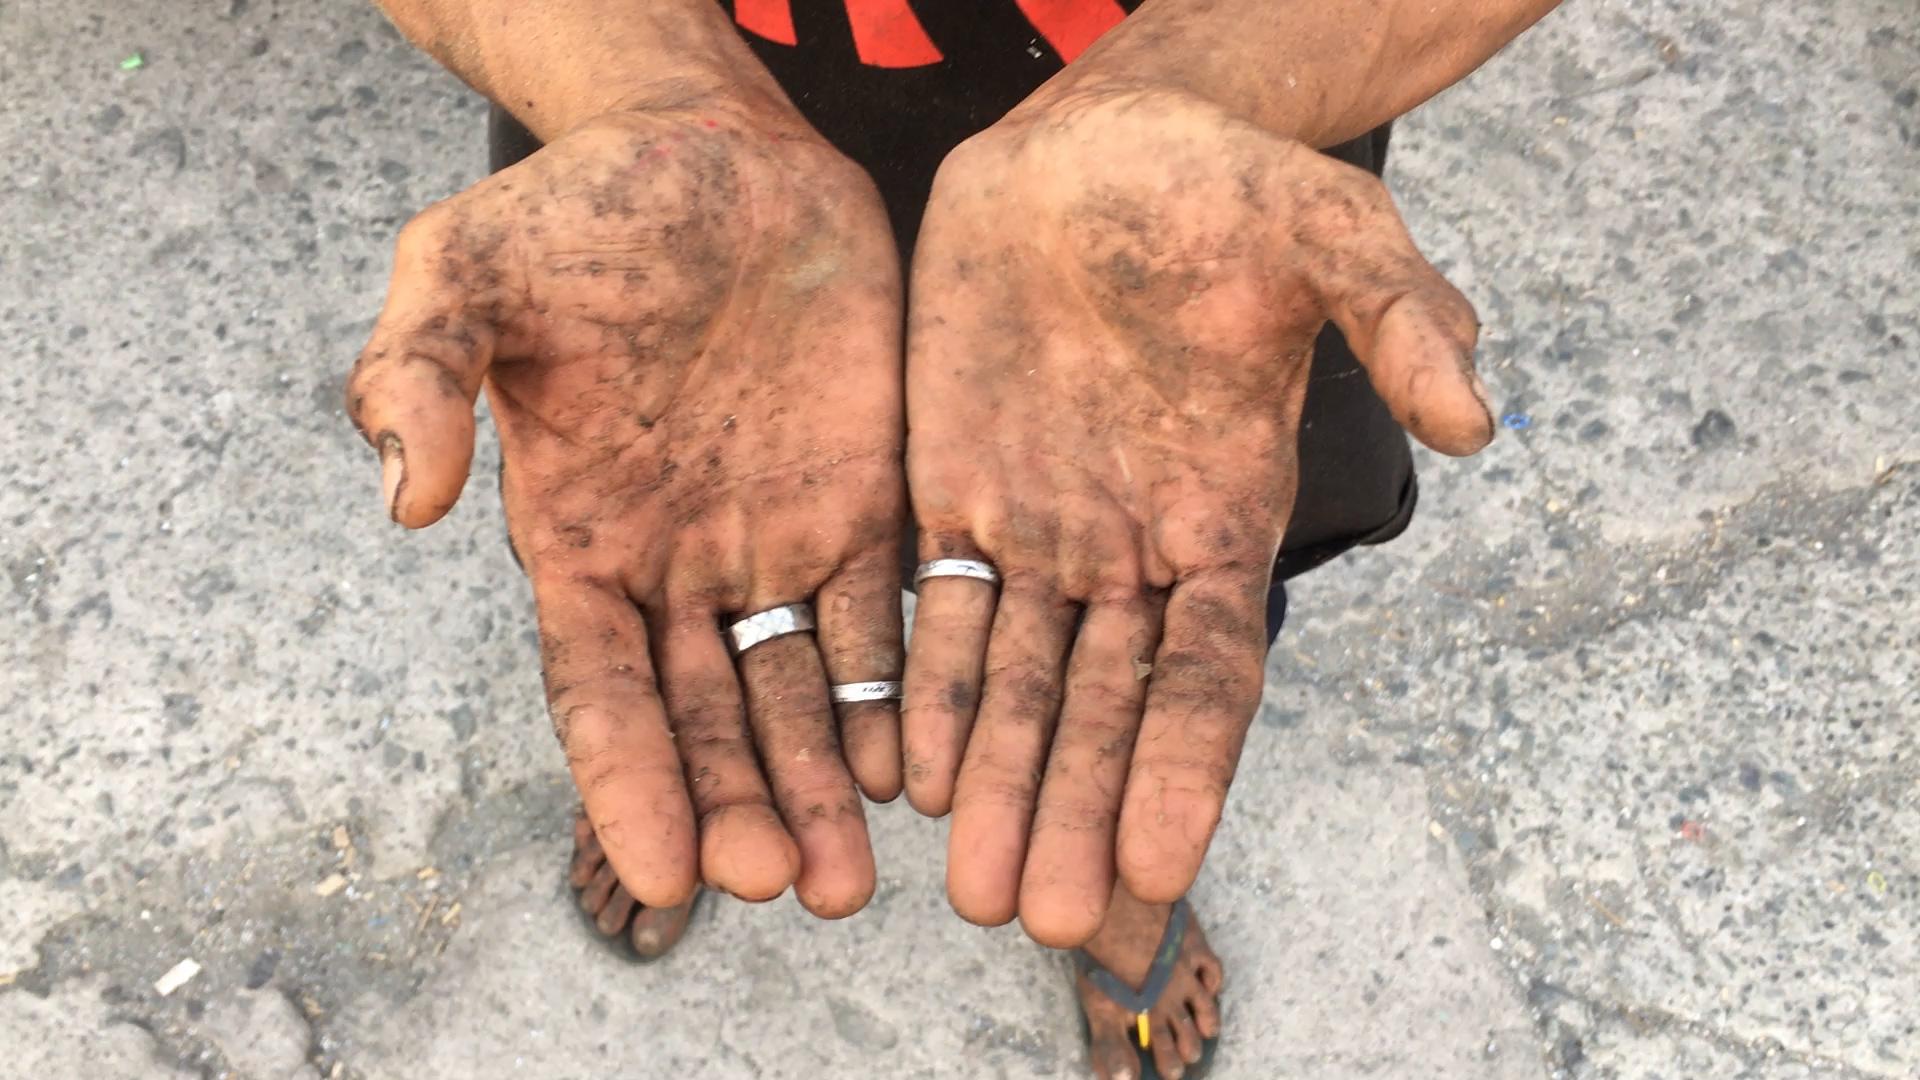 basura_0042_worker_hands.MOV.00_00_00_00.Still001.jpg